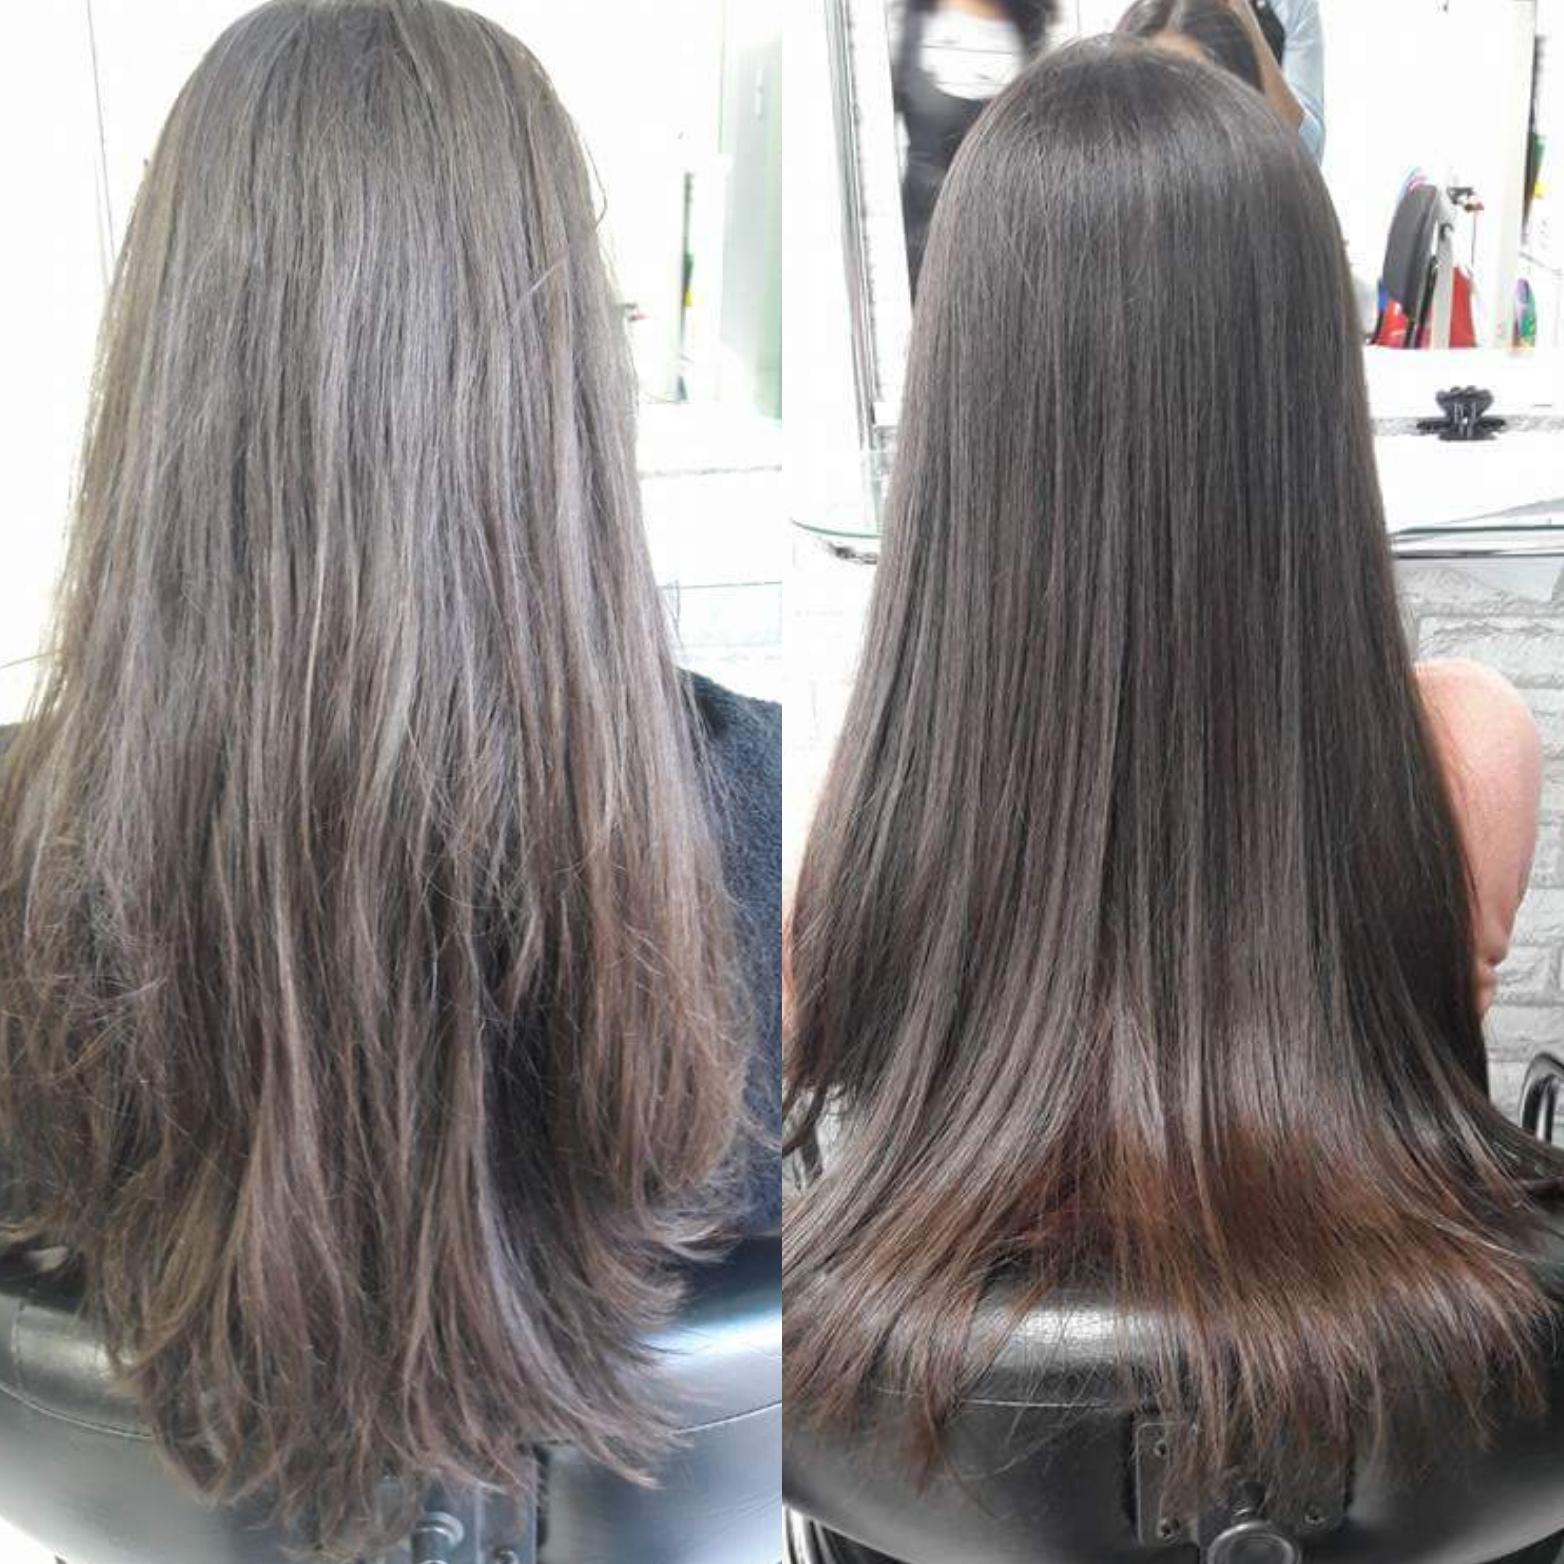 Aplicação de Botox. #hairstyst #hairdresser #aplicacaodebotox #longos #castanhos  #brilho cabelo auxiliar cabeleireiro(a) auxiliar cabeleireiro(a) auxiliar cabeleireiro(a)